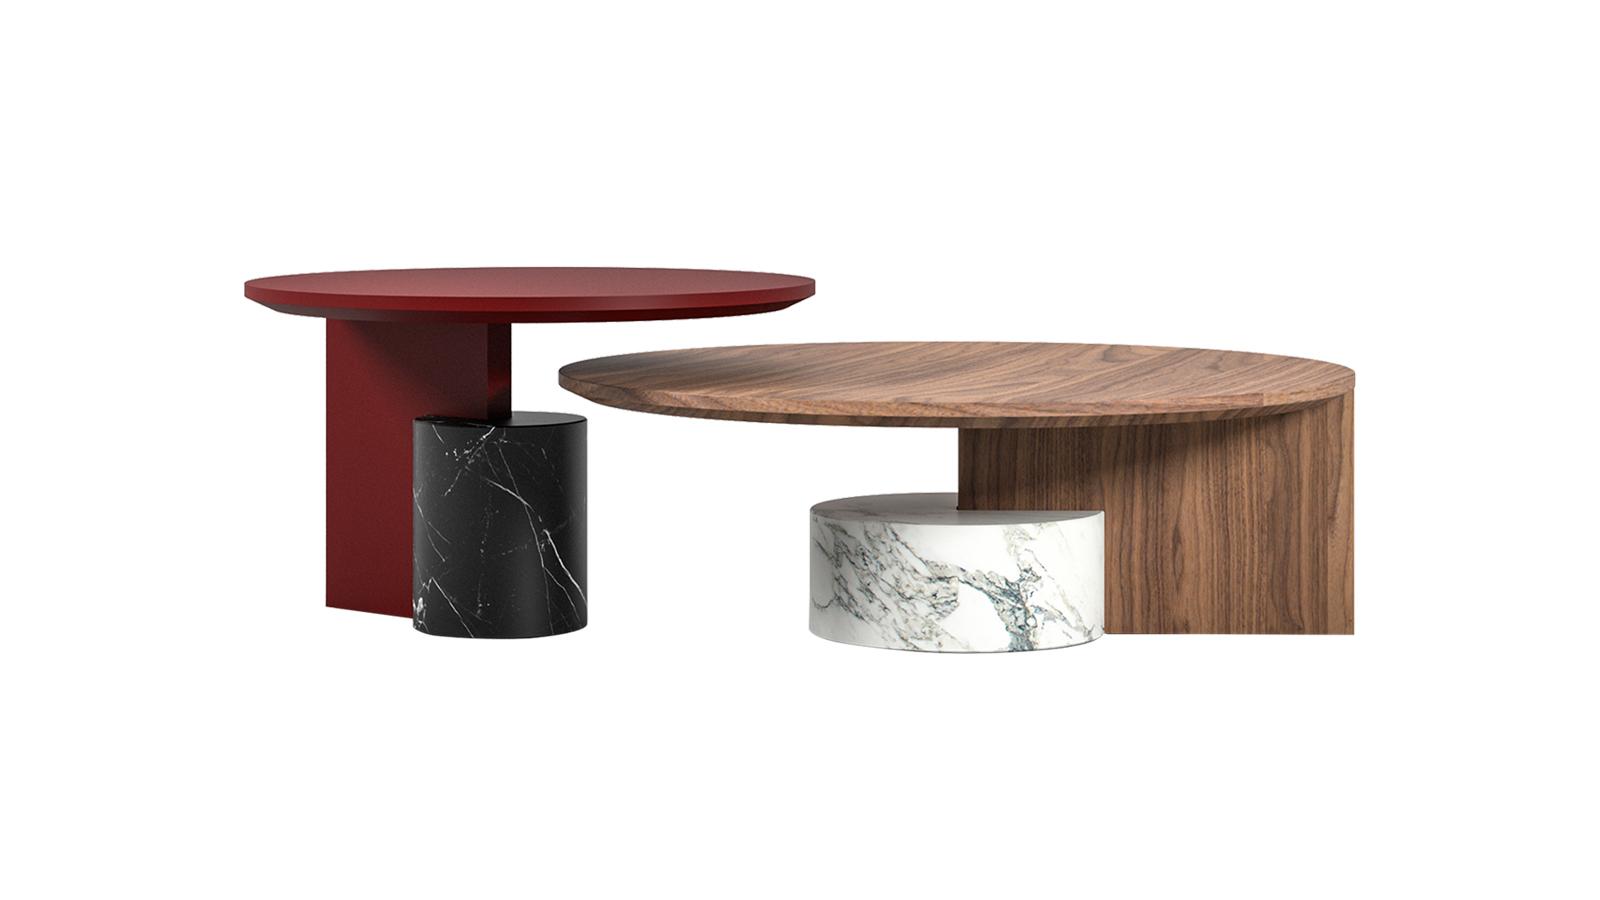 A Sengu dohányzóasztal a fa és márvány egyedi találkozása. Harmóniáját meglepő módon a kerek és szögletes formák ellentéte szüli. Bohókás jelenléte tökéletes egyensúlyt képez a visszafogott Sengu kanapéval.